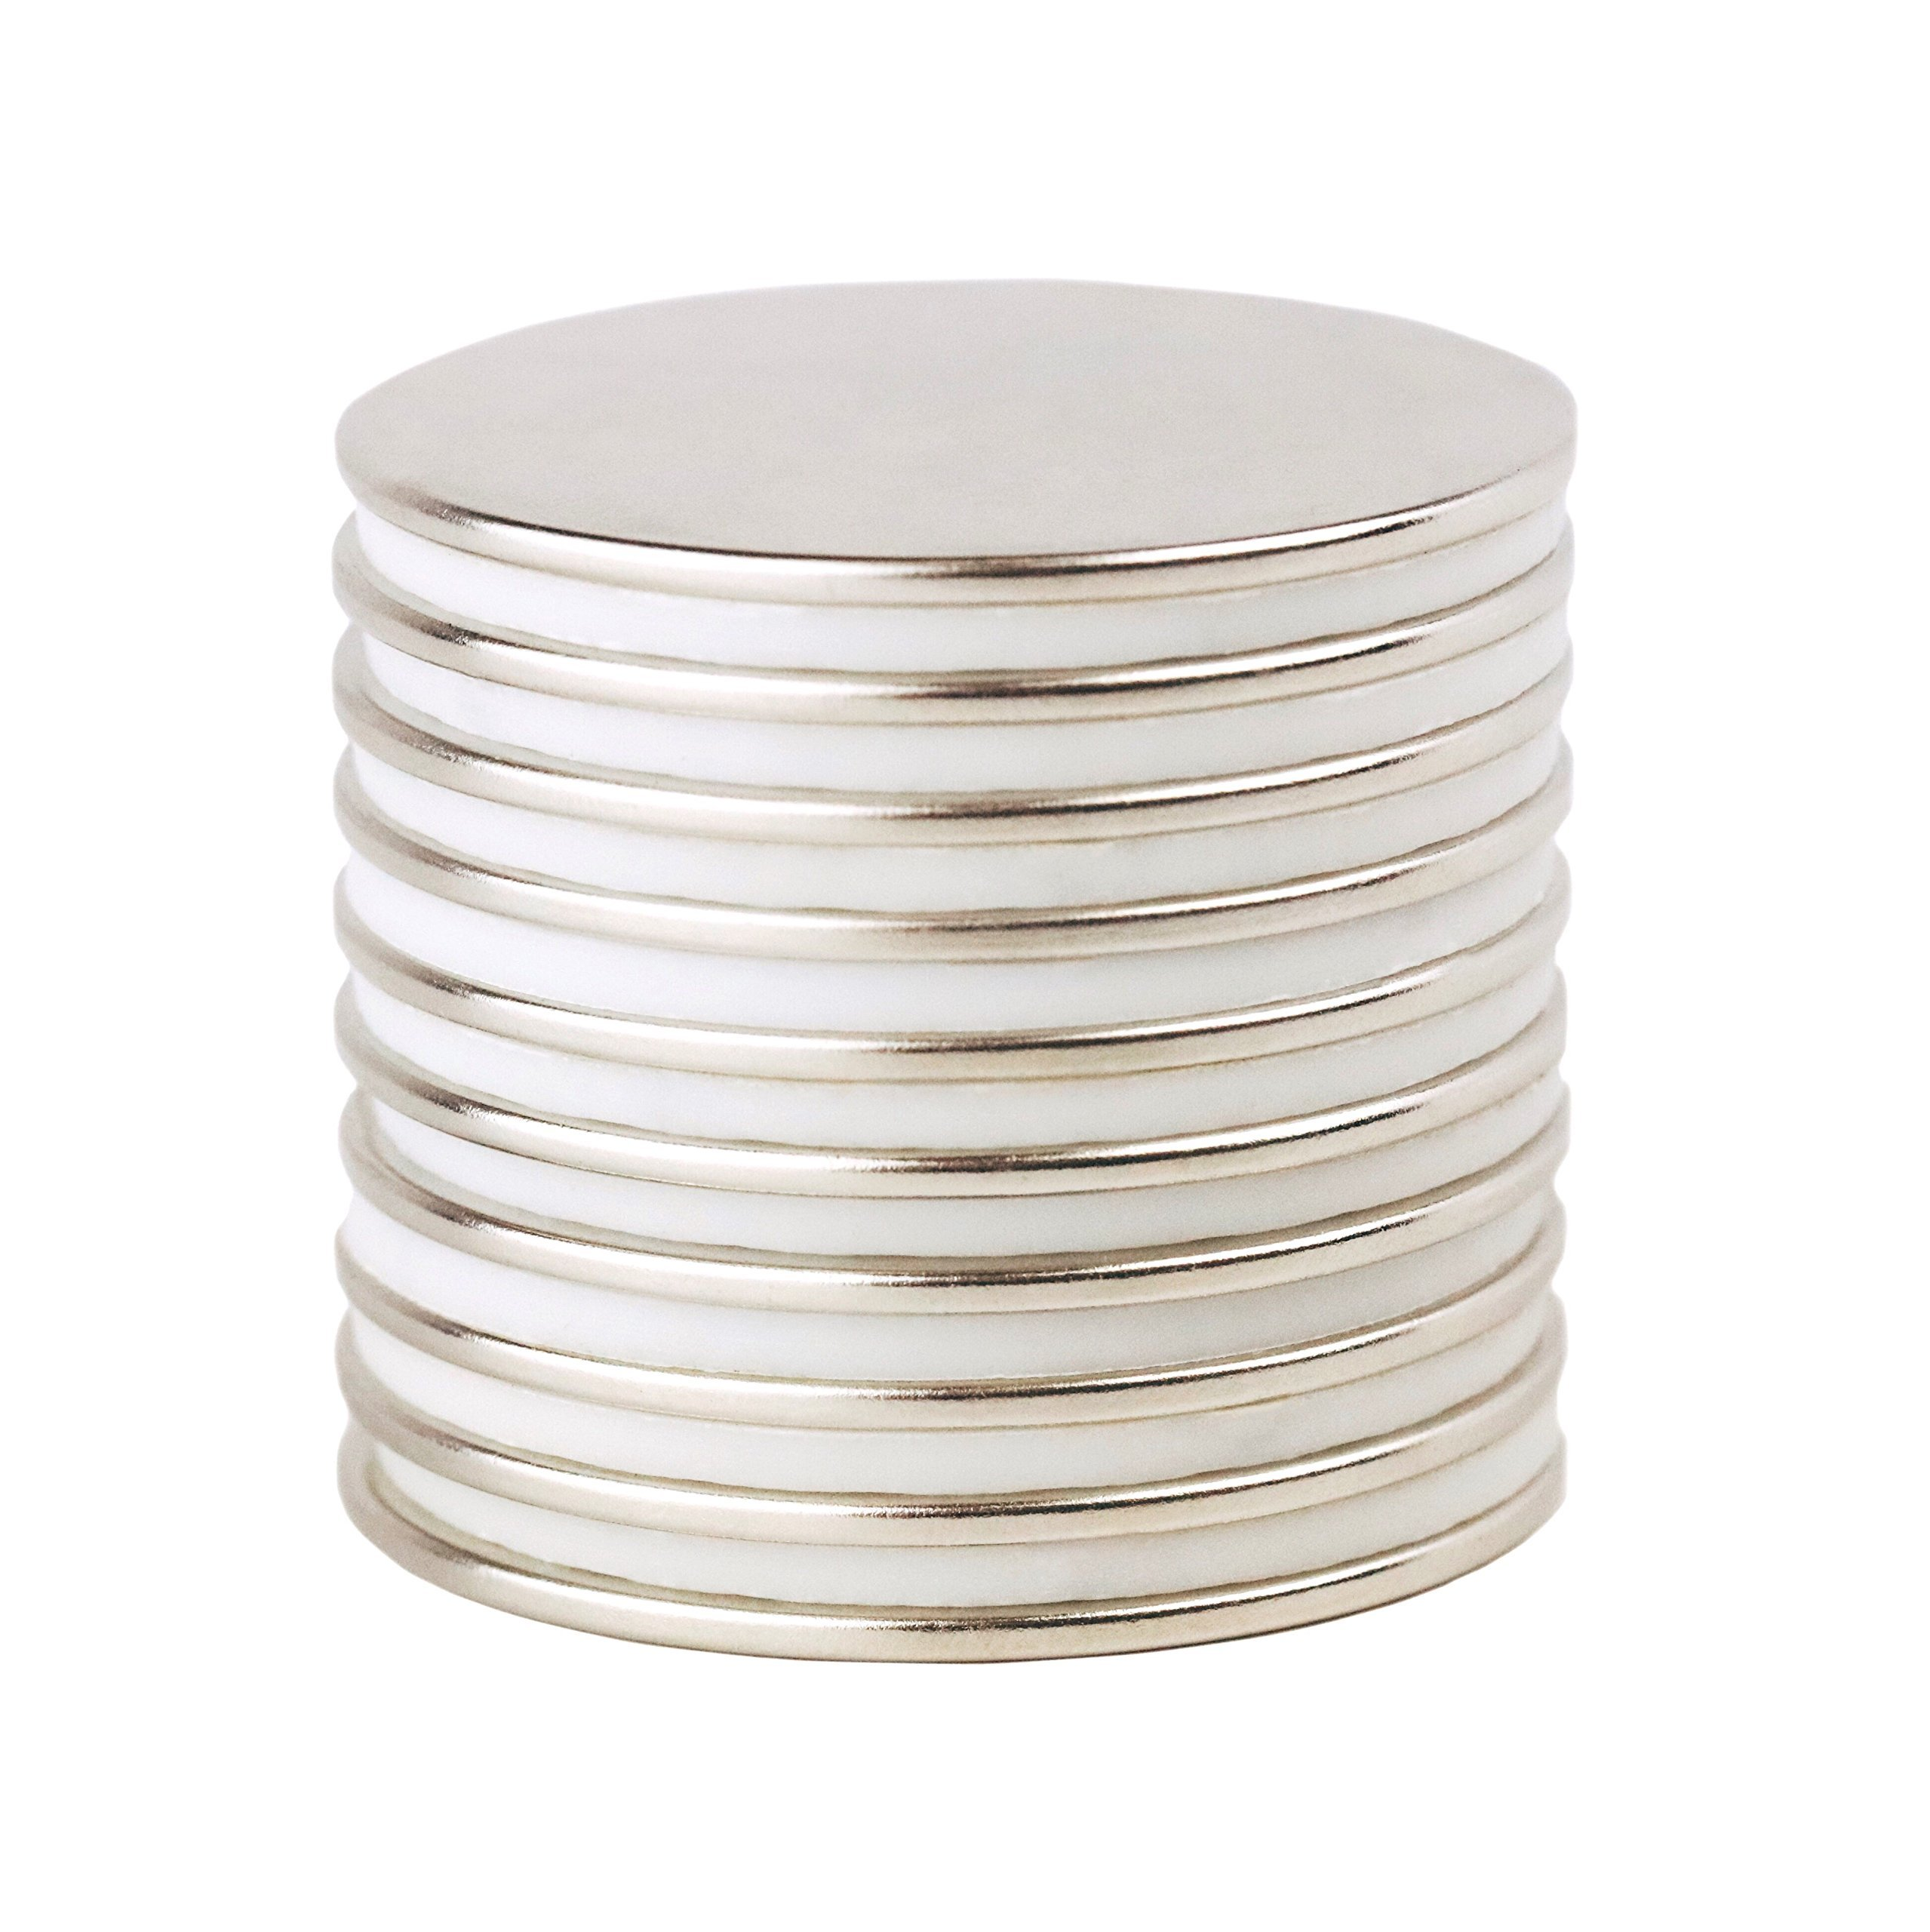 NeoSport 1.5 x 1/16 Inch N45 Neodymium Magnets NdFeB, (Pack of 10)